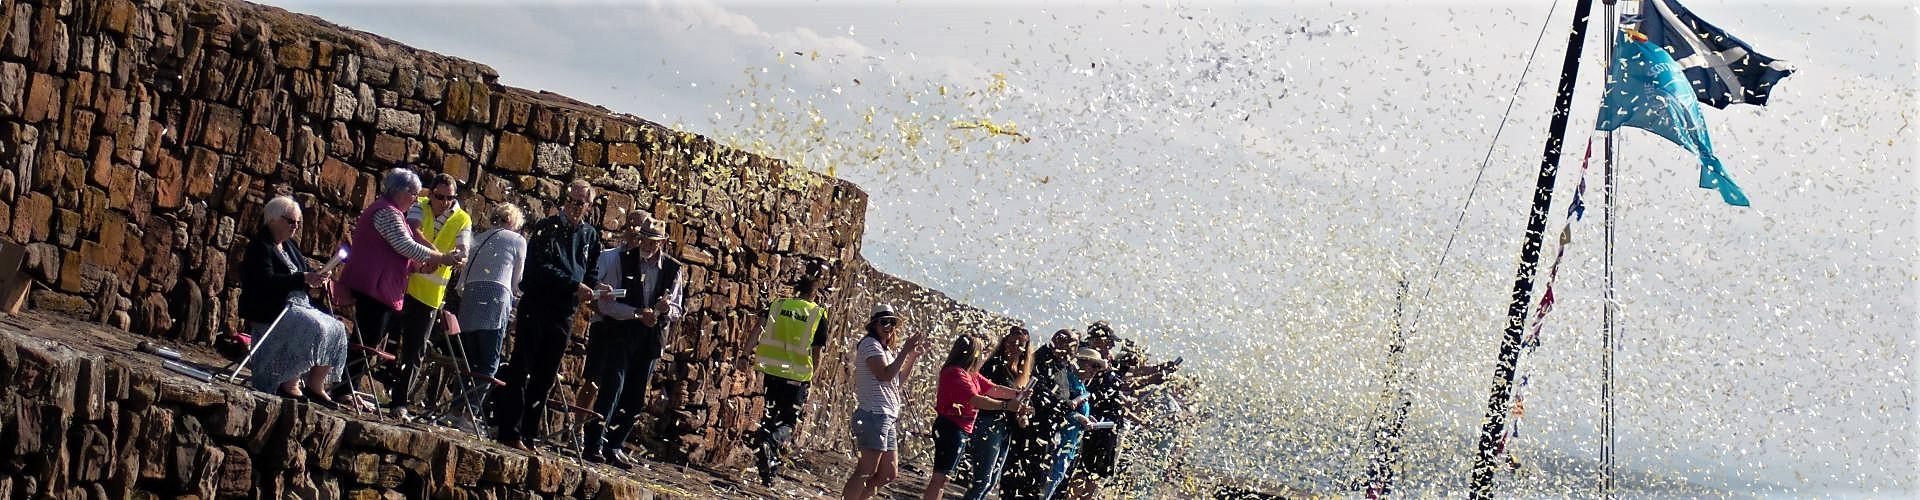 biodegradable confetti cannon